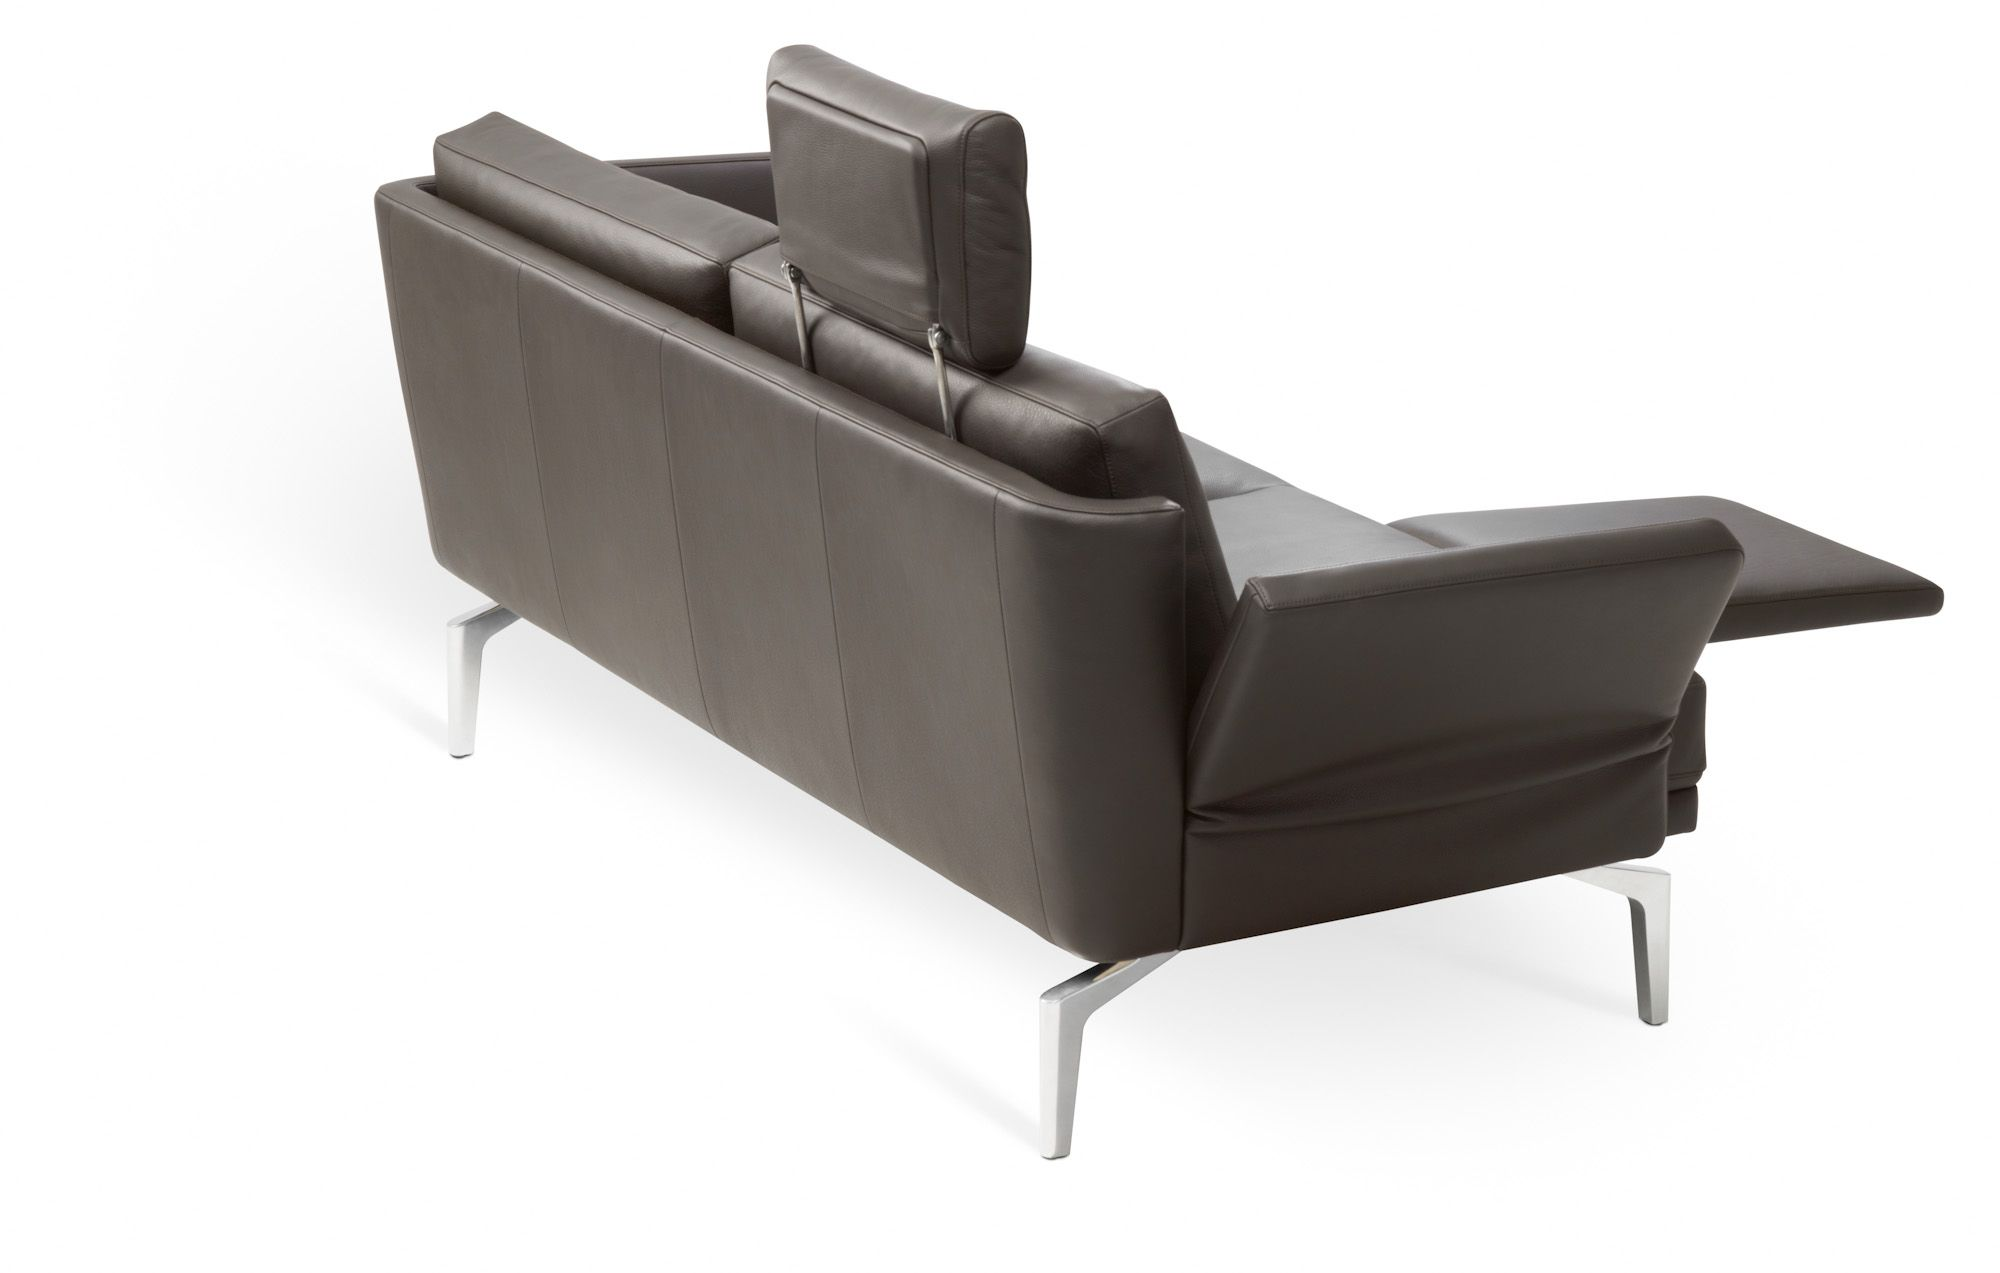 Brilliant Couch Leder Braun Sammlung Von Modernes Sofa | | | Ausschwenkbare Fußauflage